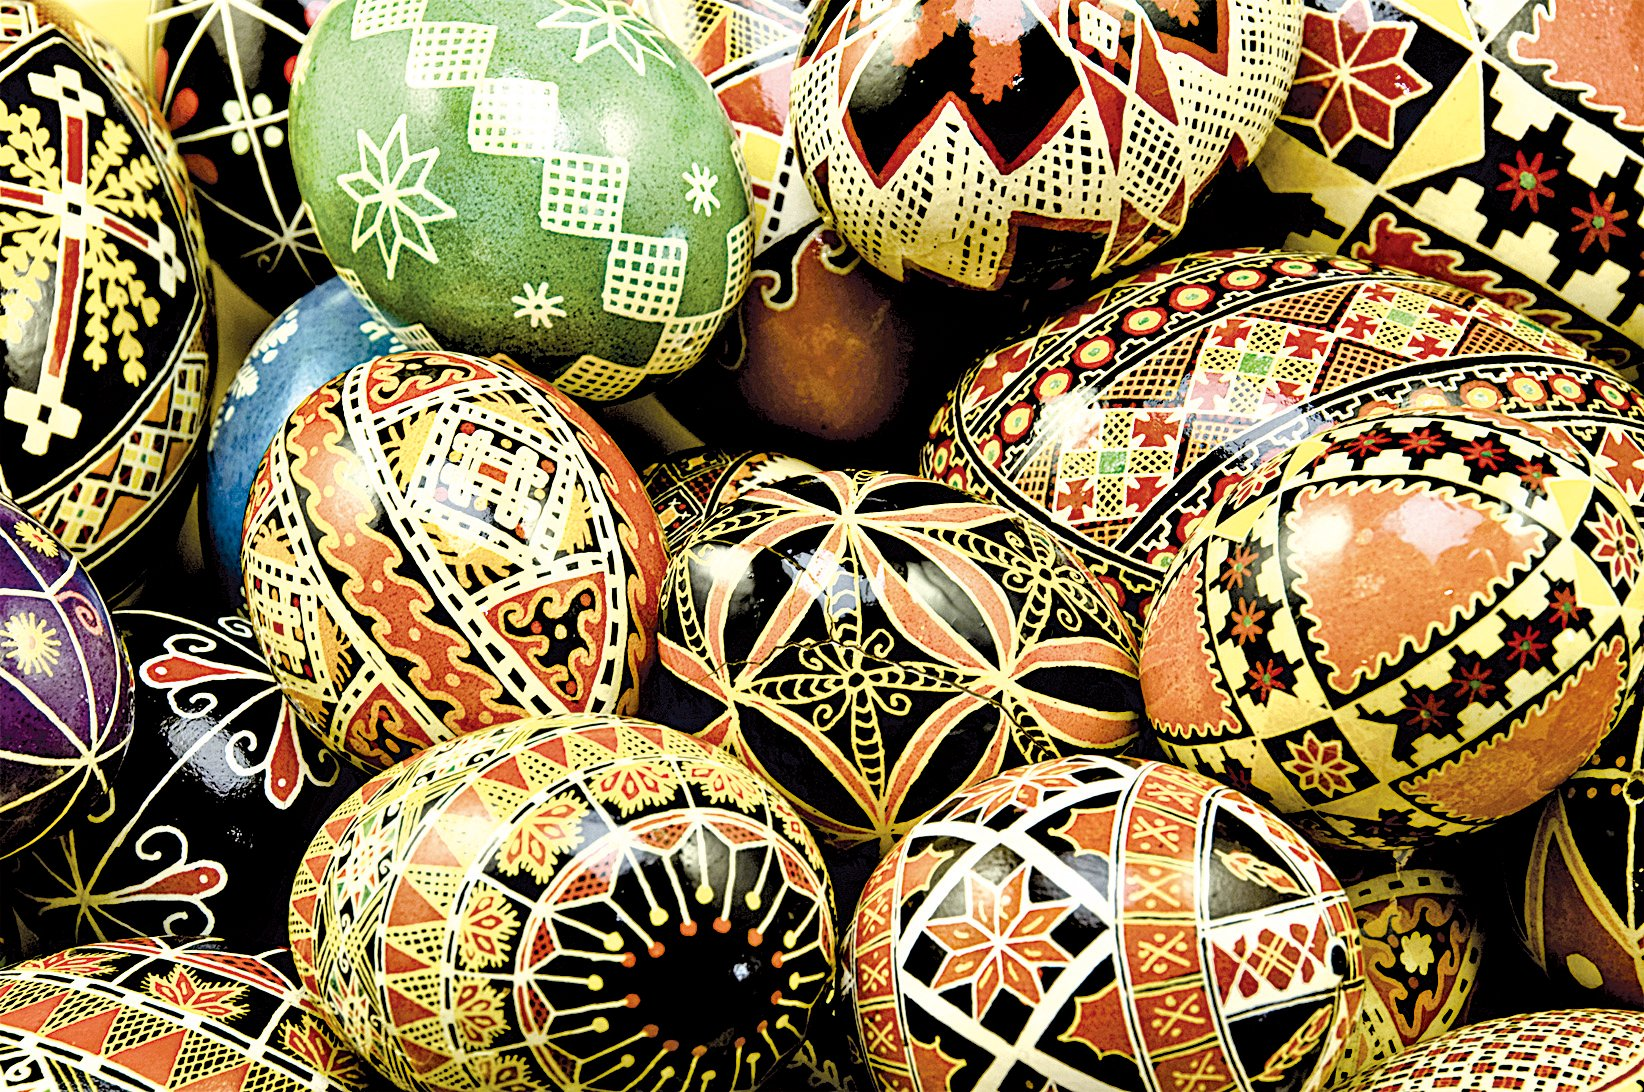 烏克蘭人裝飾的彩蛋細緻繁複,叫做Pysanky。